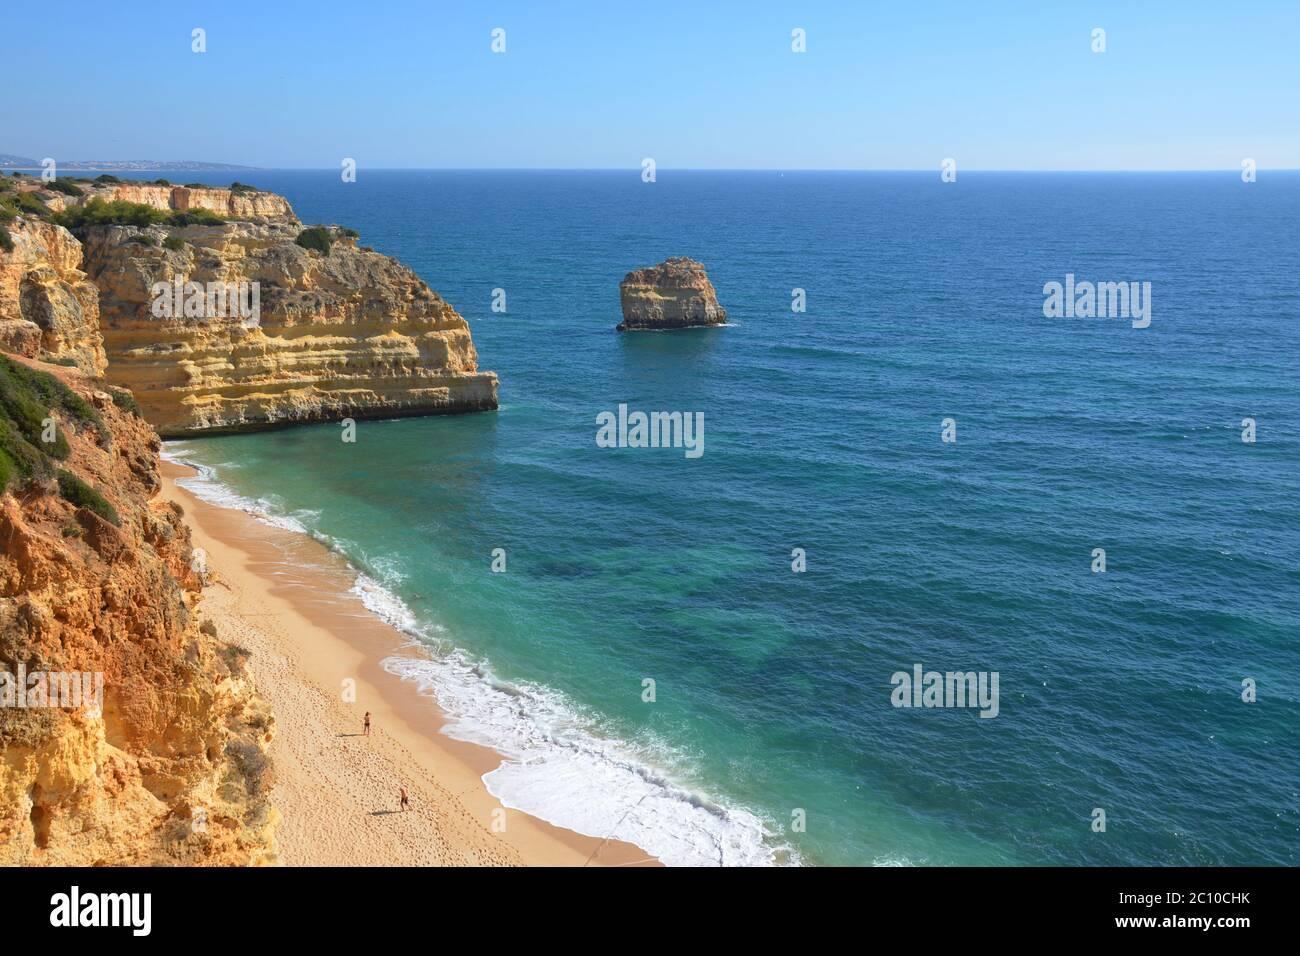 Playa y acantilados, siete valles colgantes ruta, Algarve, Portugal Foto de stock